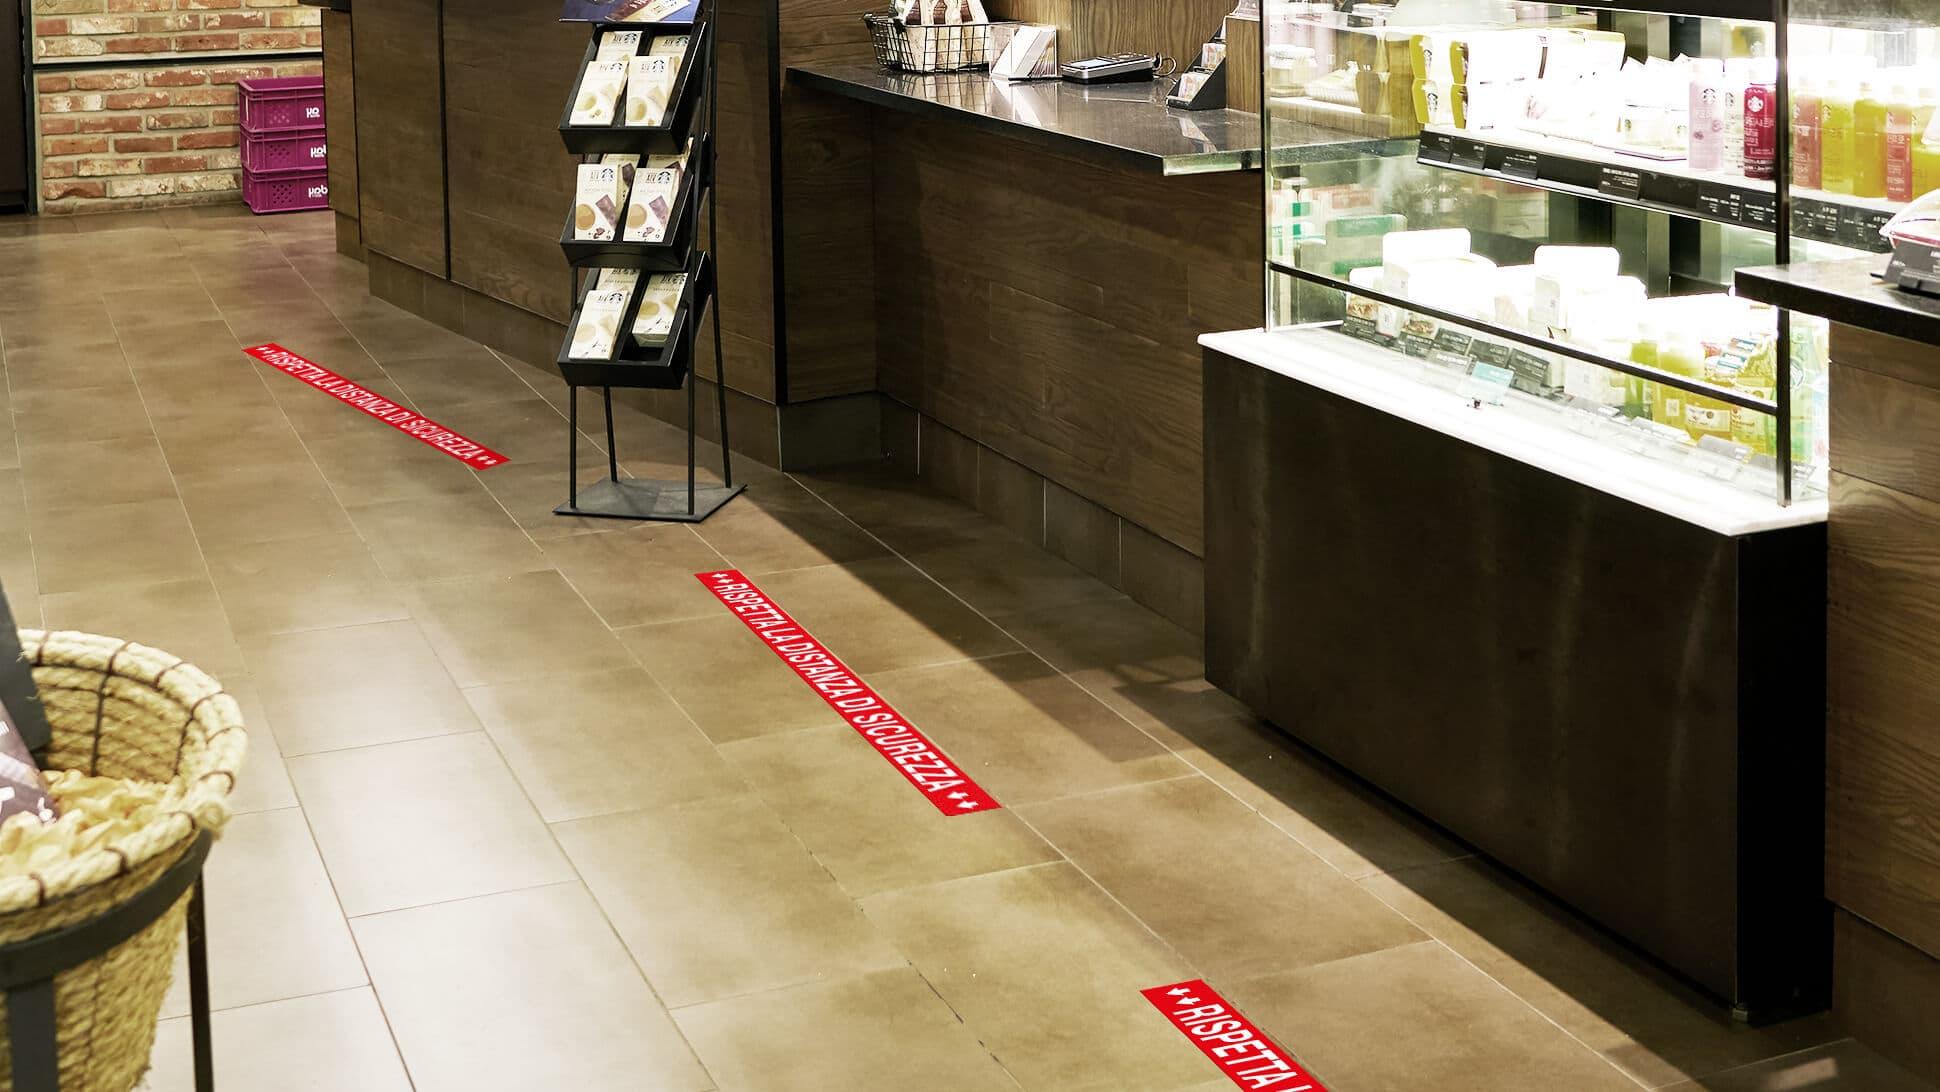 Fasce adesive calpestabili per negozi, supermercati, farmacie, luoghi pubblici | tictac.it